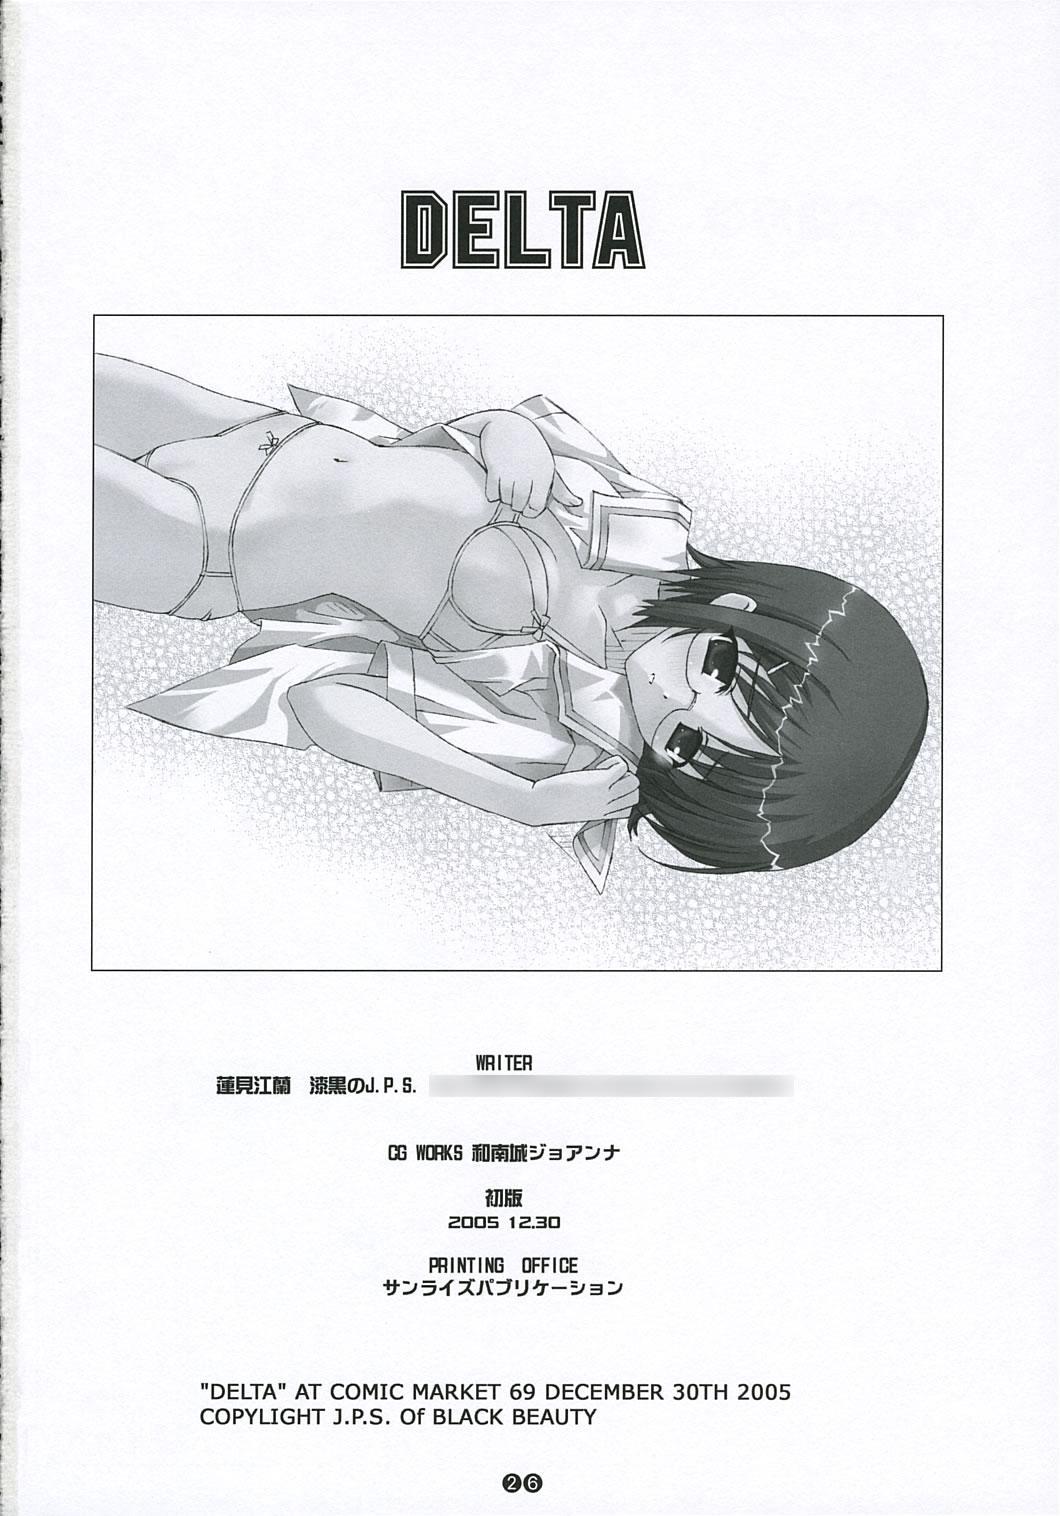 DELTA 24